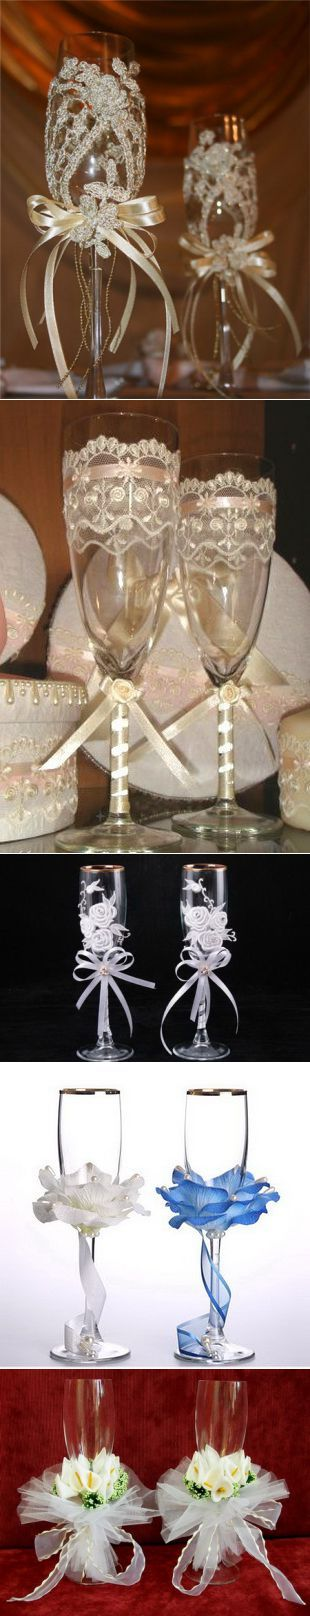 » Украшение свадебных бокалов своими руками. Мастер-класс » Дарина Никонова. Украшения из бисера